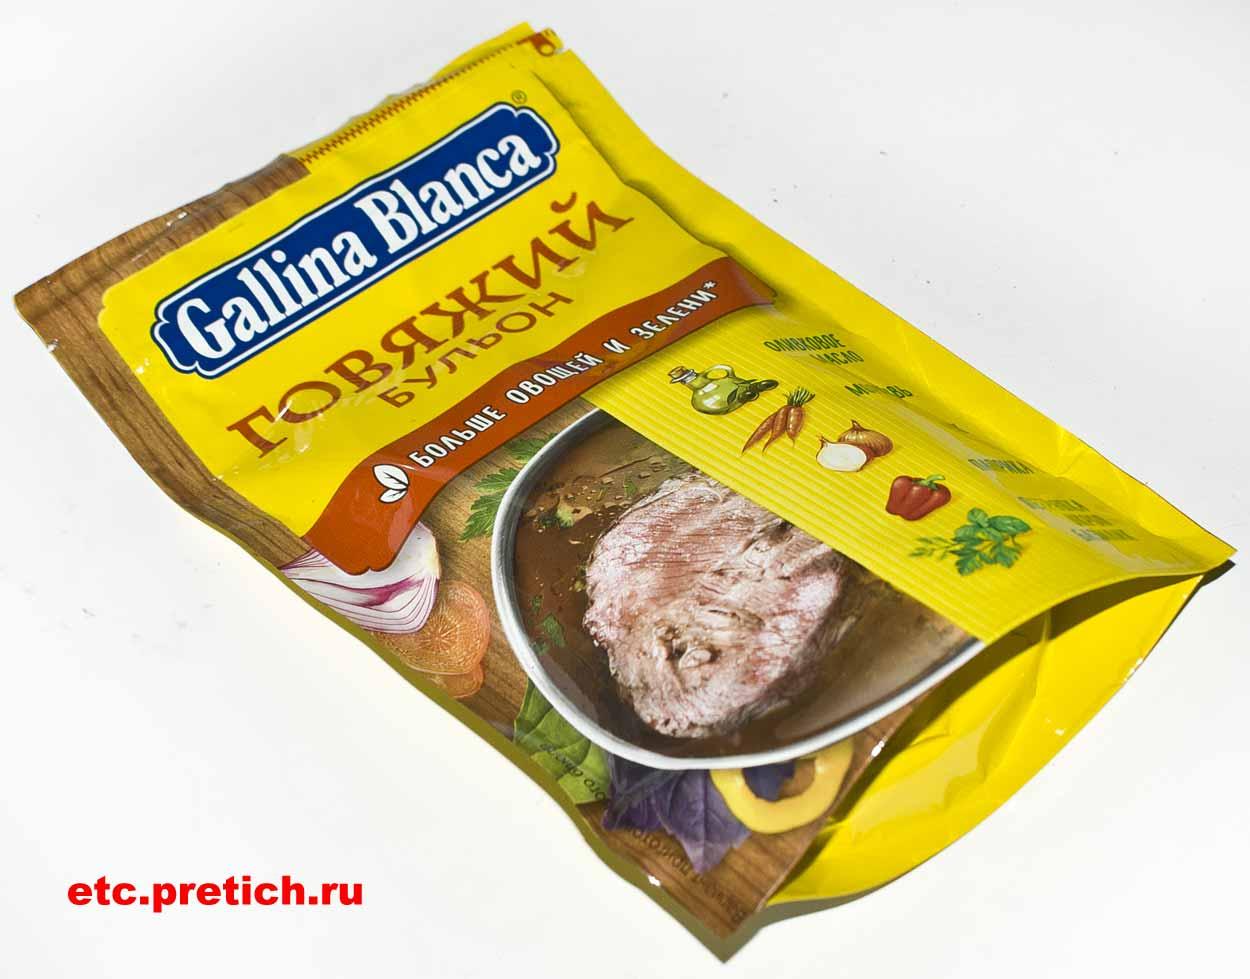 Gallina Blanca рассыпчатый Говяжий бульон отзыв и впечатление